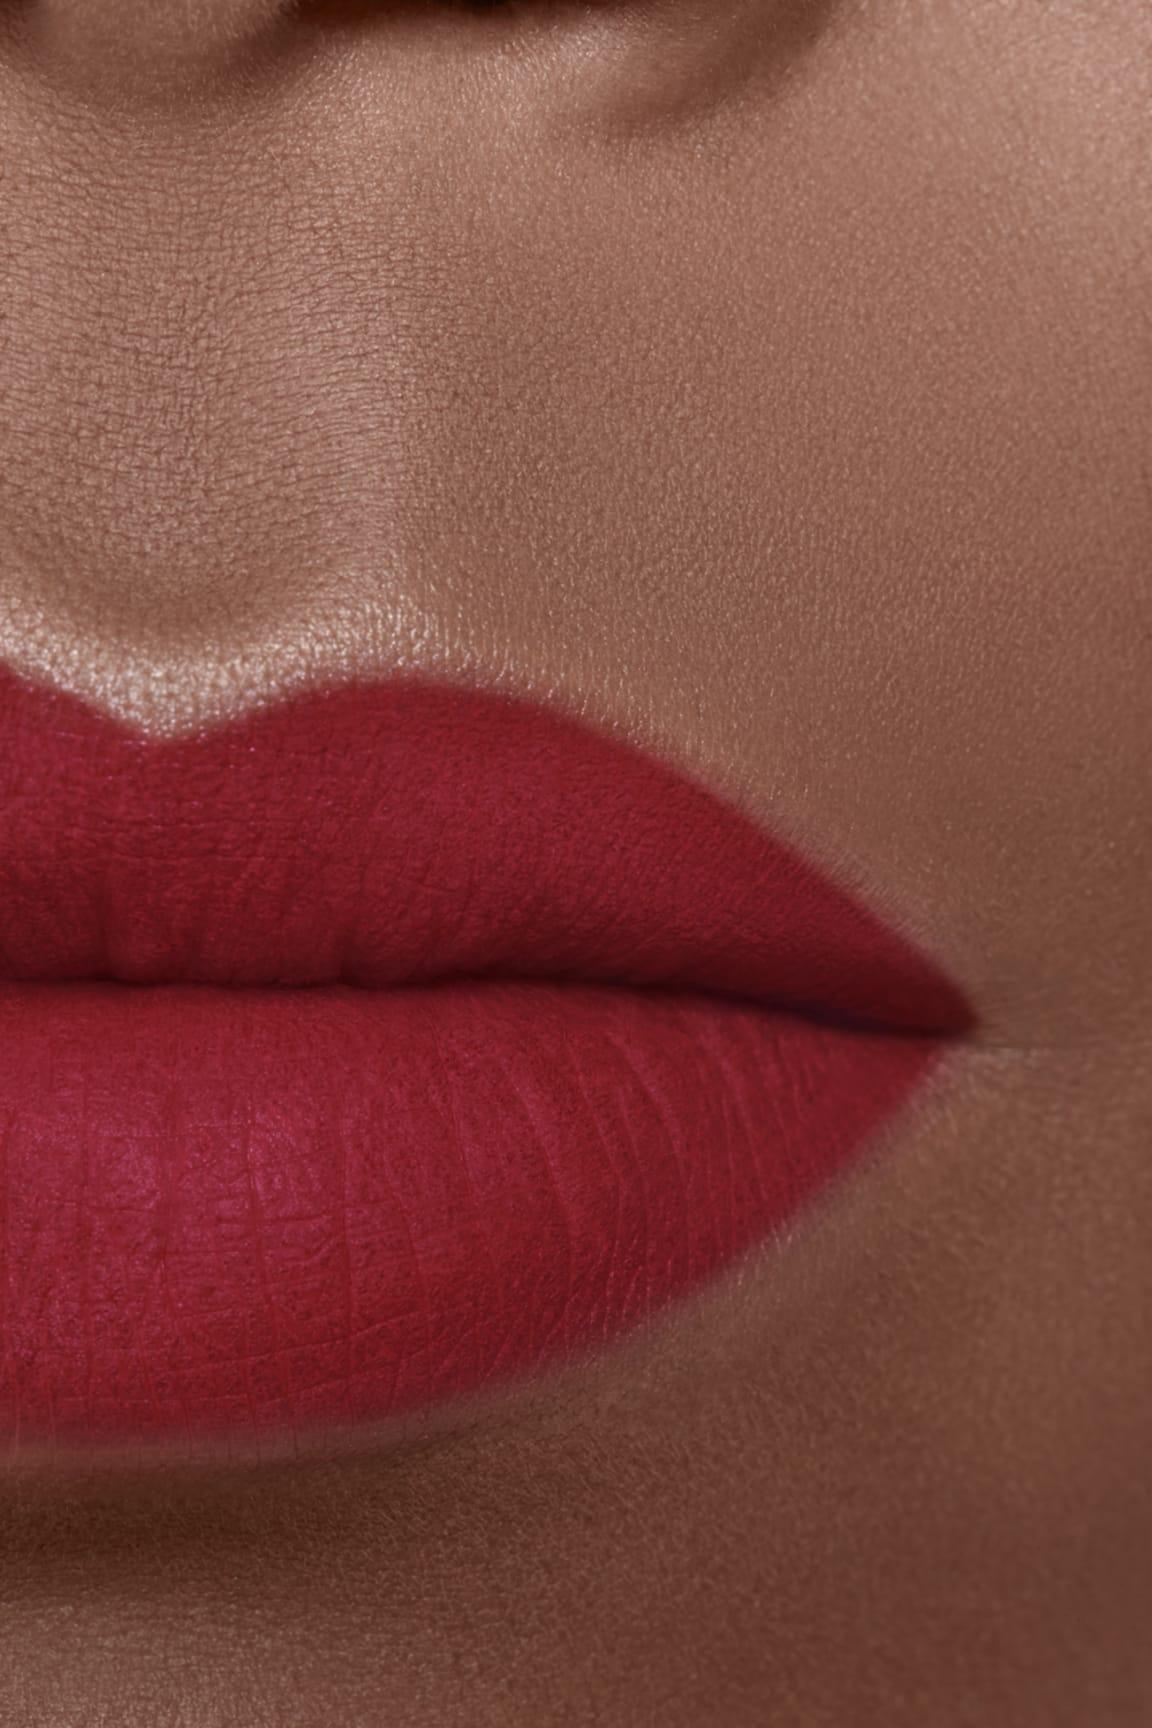 Visuel d'application maquillage 2 - ROUGE ALLURE VELVET EXTRÊME 136 - PIVOINE NOIRE